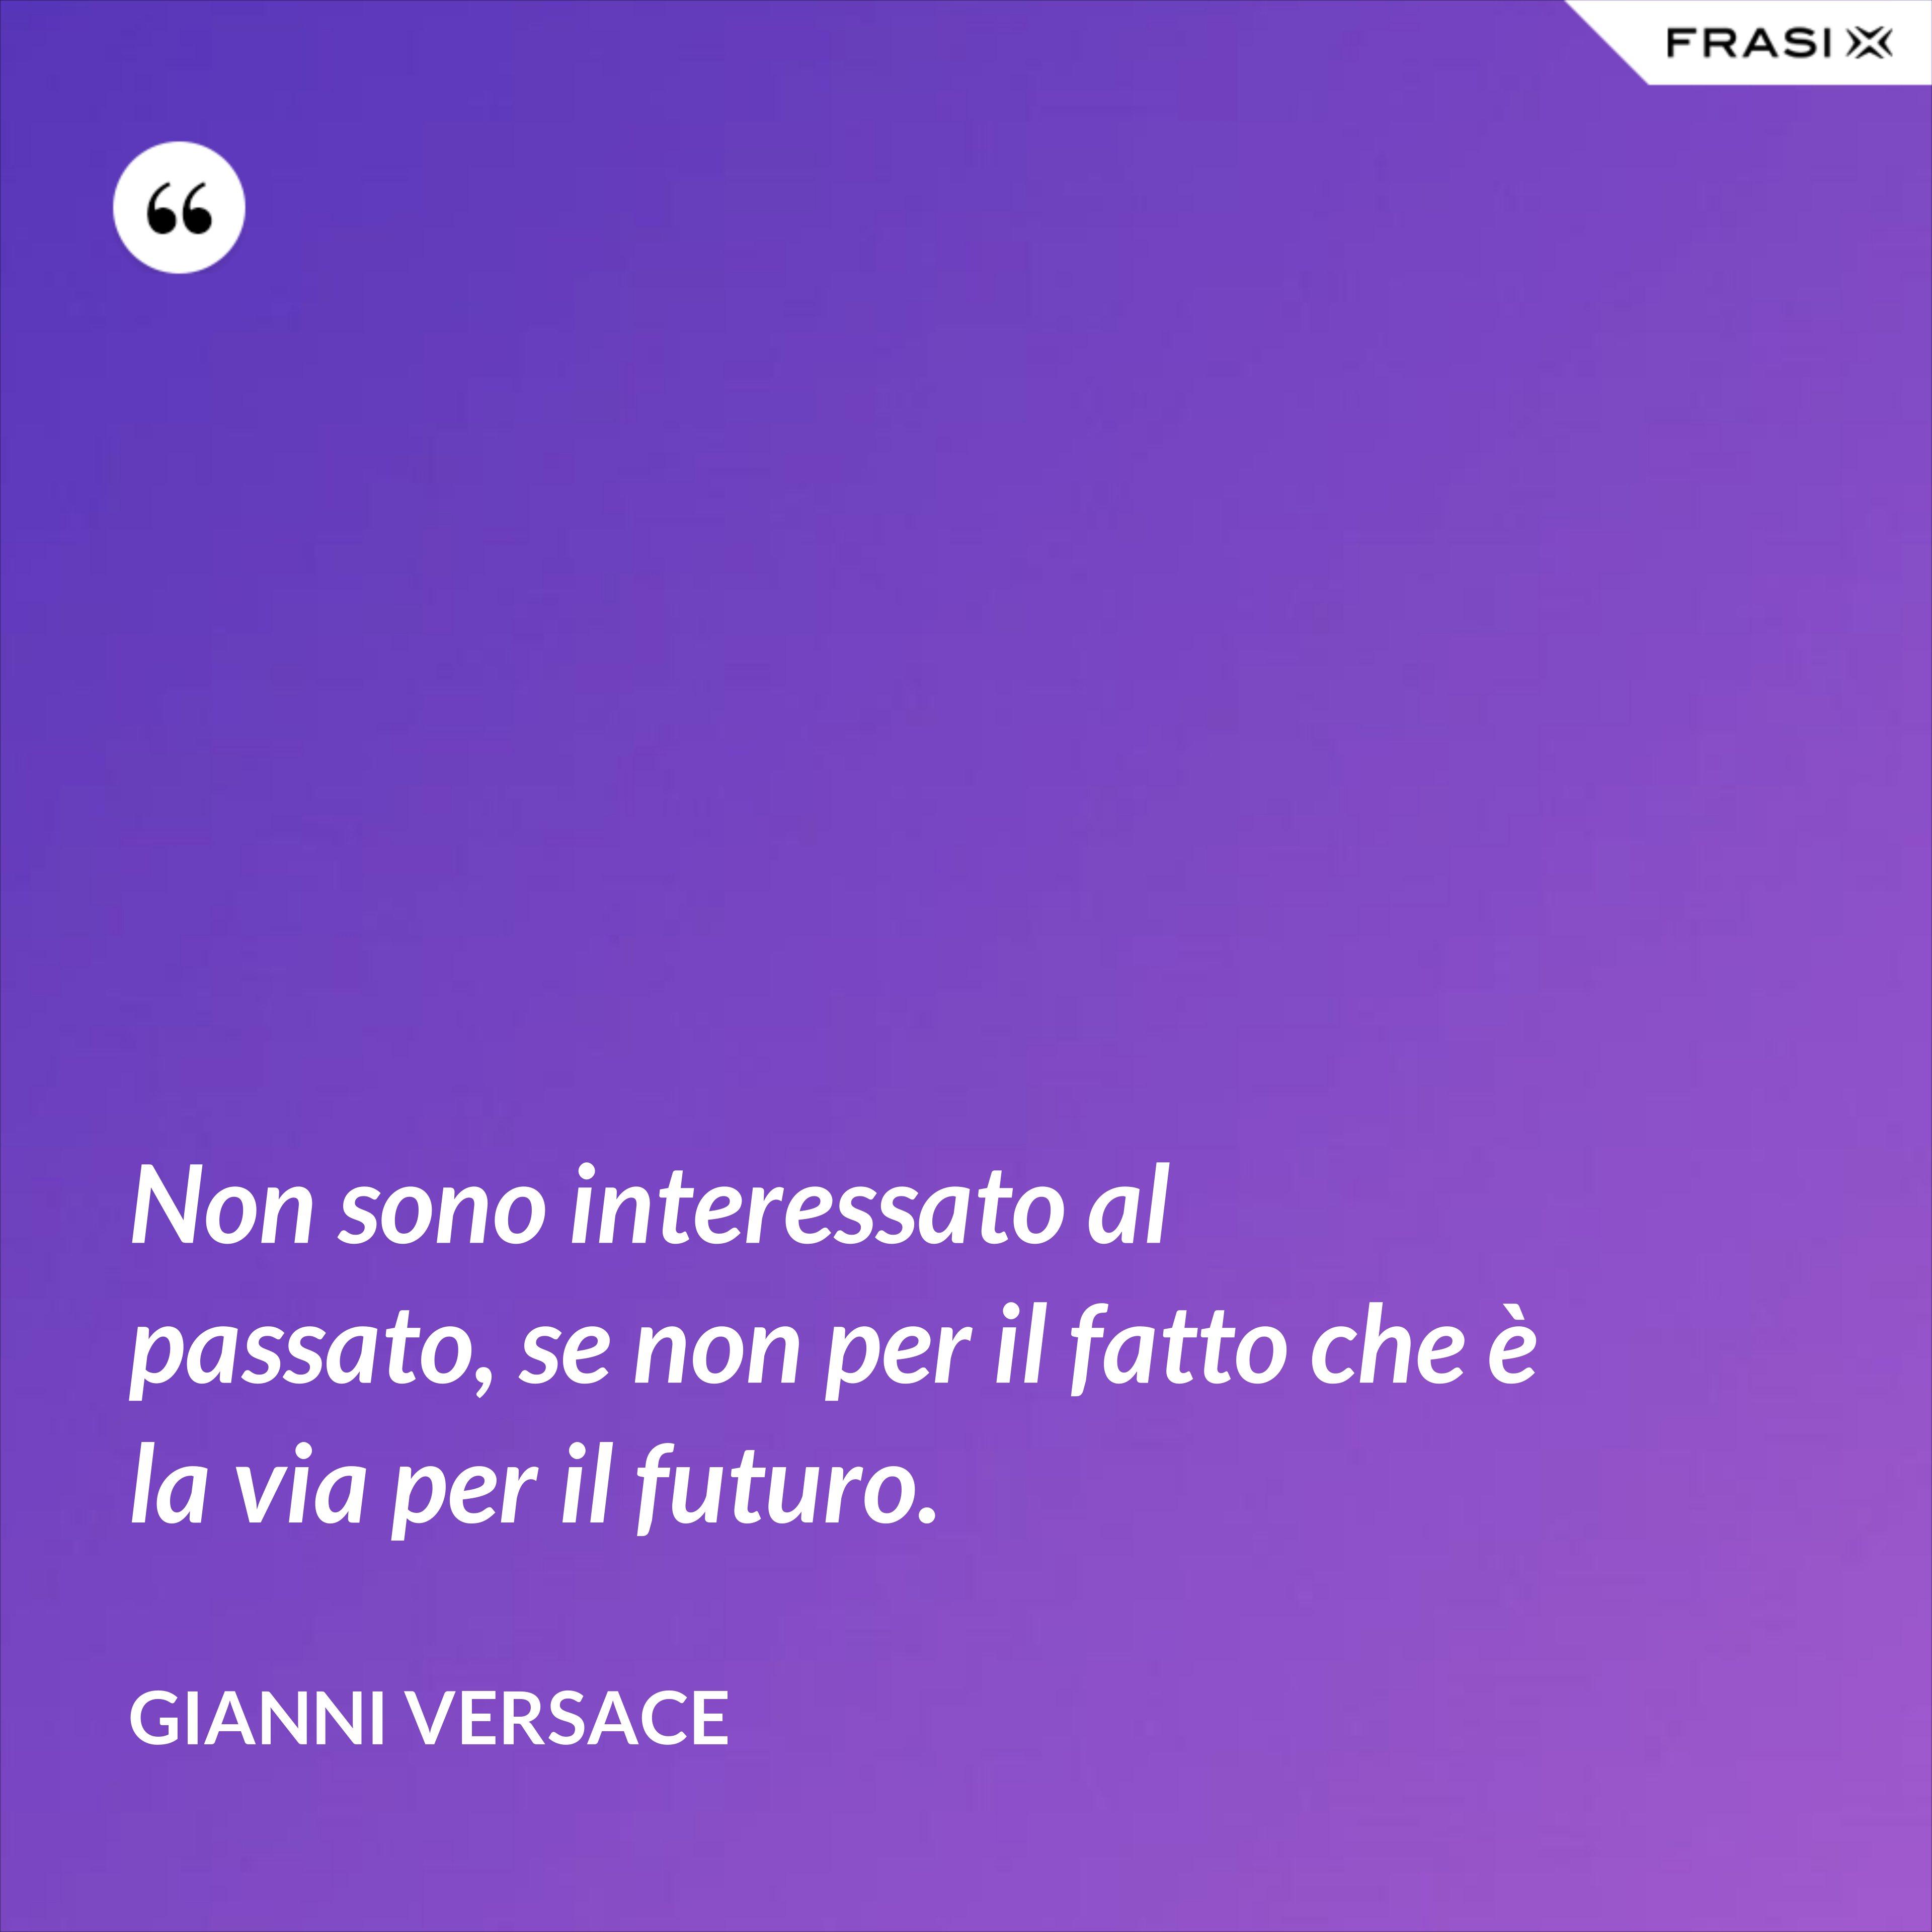 Non sono interessato al passato, se non per il fatto che è la via per il futuro. - Gianni Versace